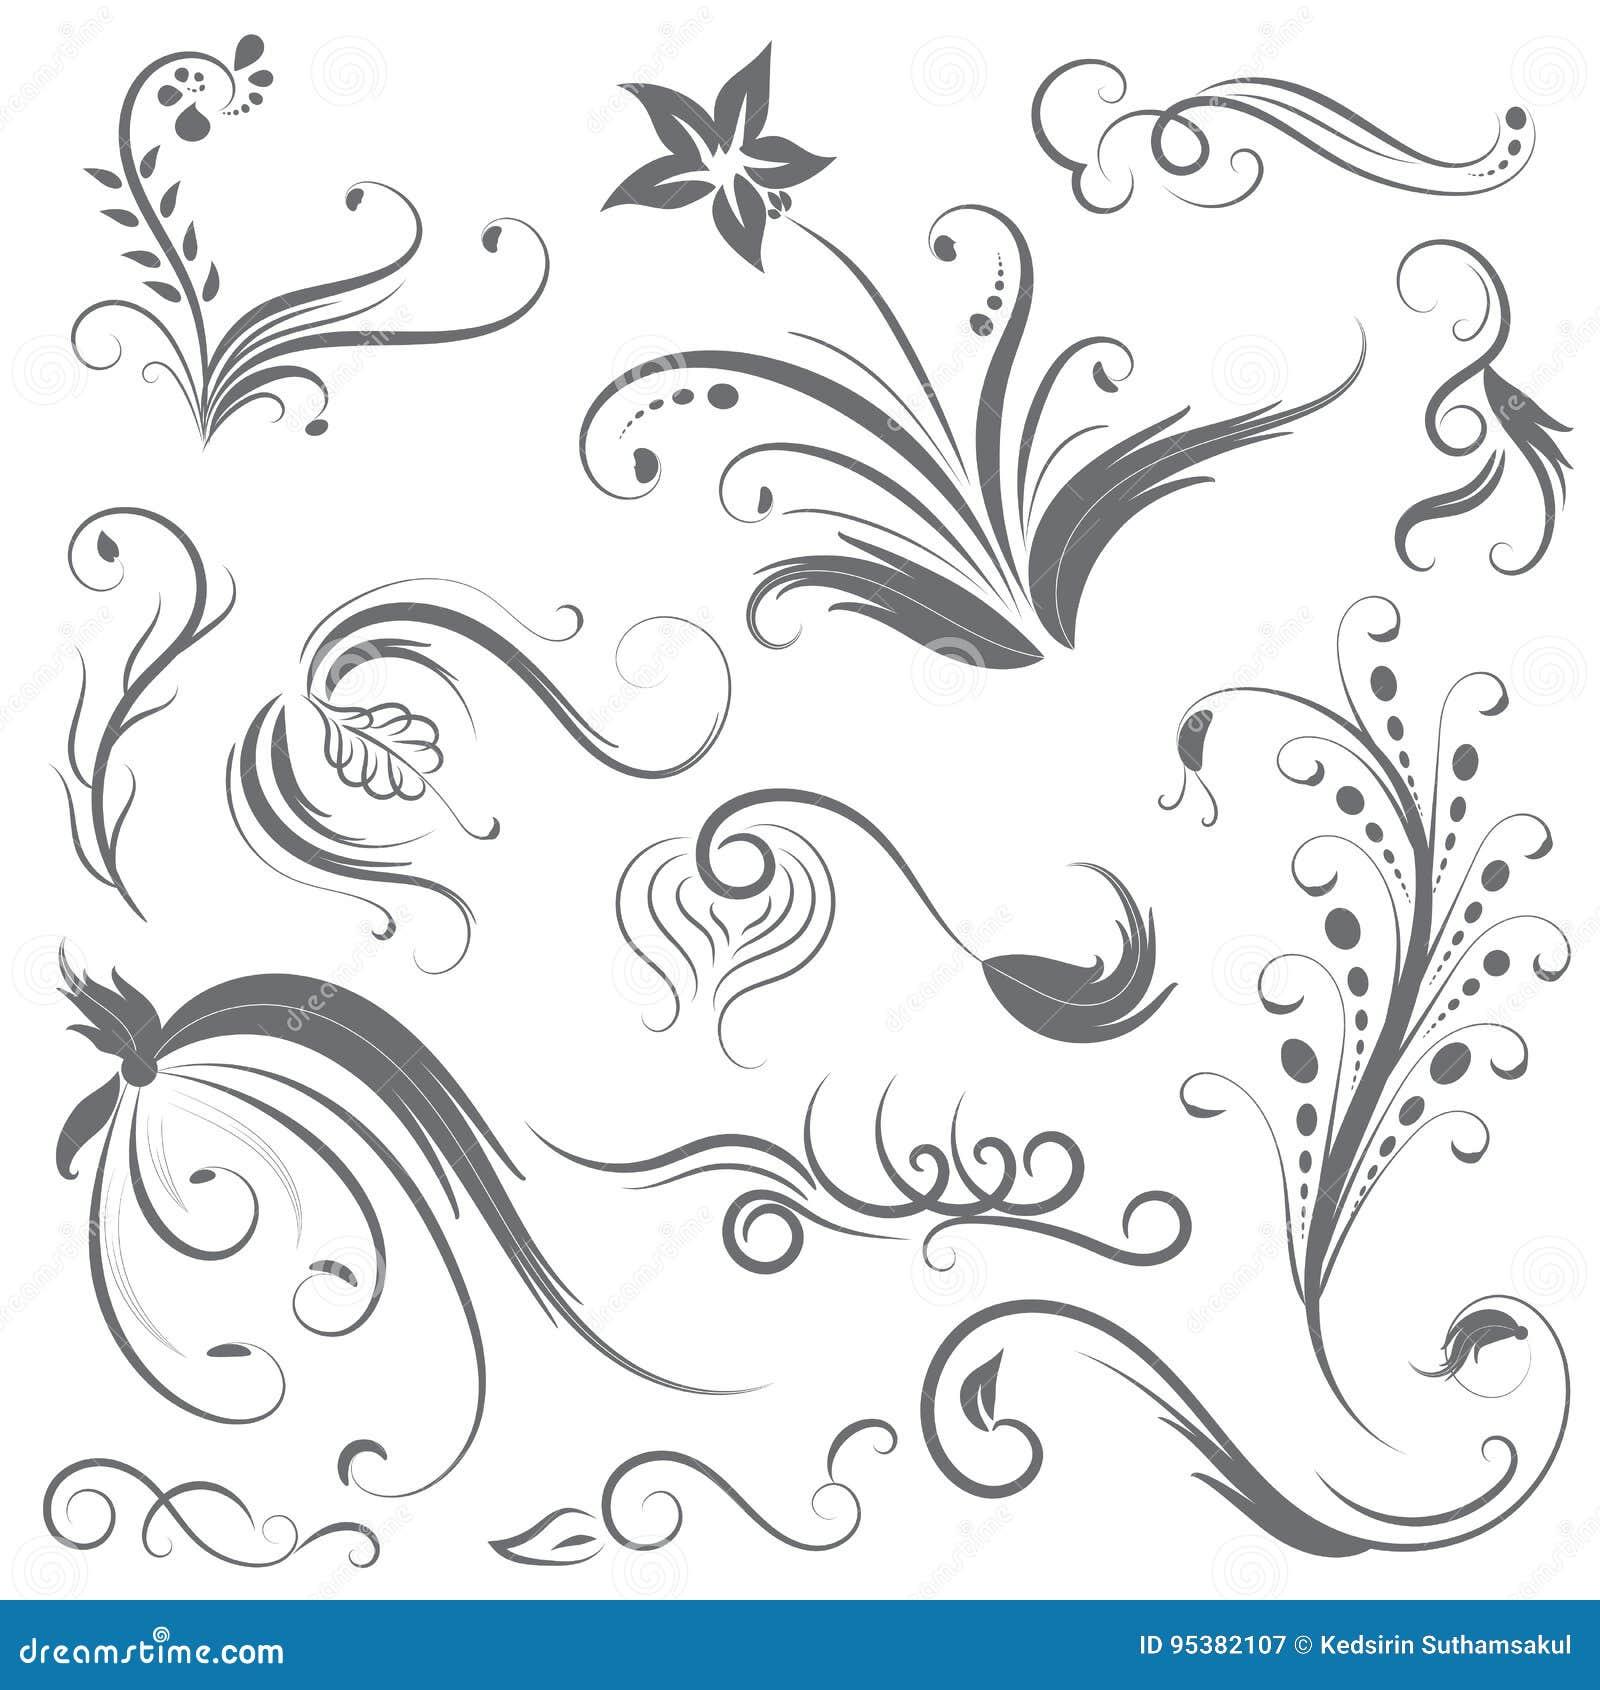 Set Of Black Flower Design Elements Stock Vector: Set Of Flower Calligraphic Design Stock Vector